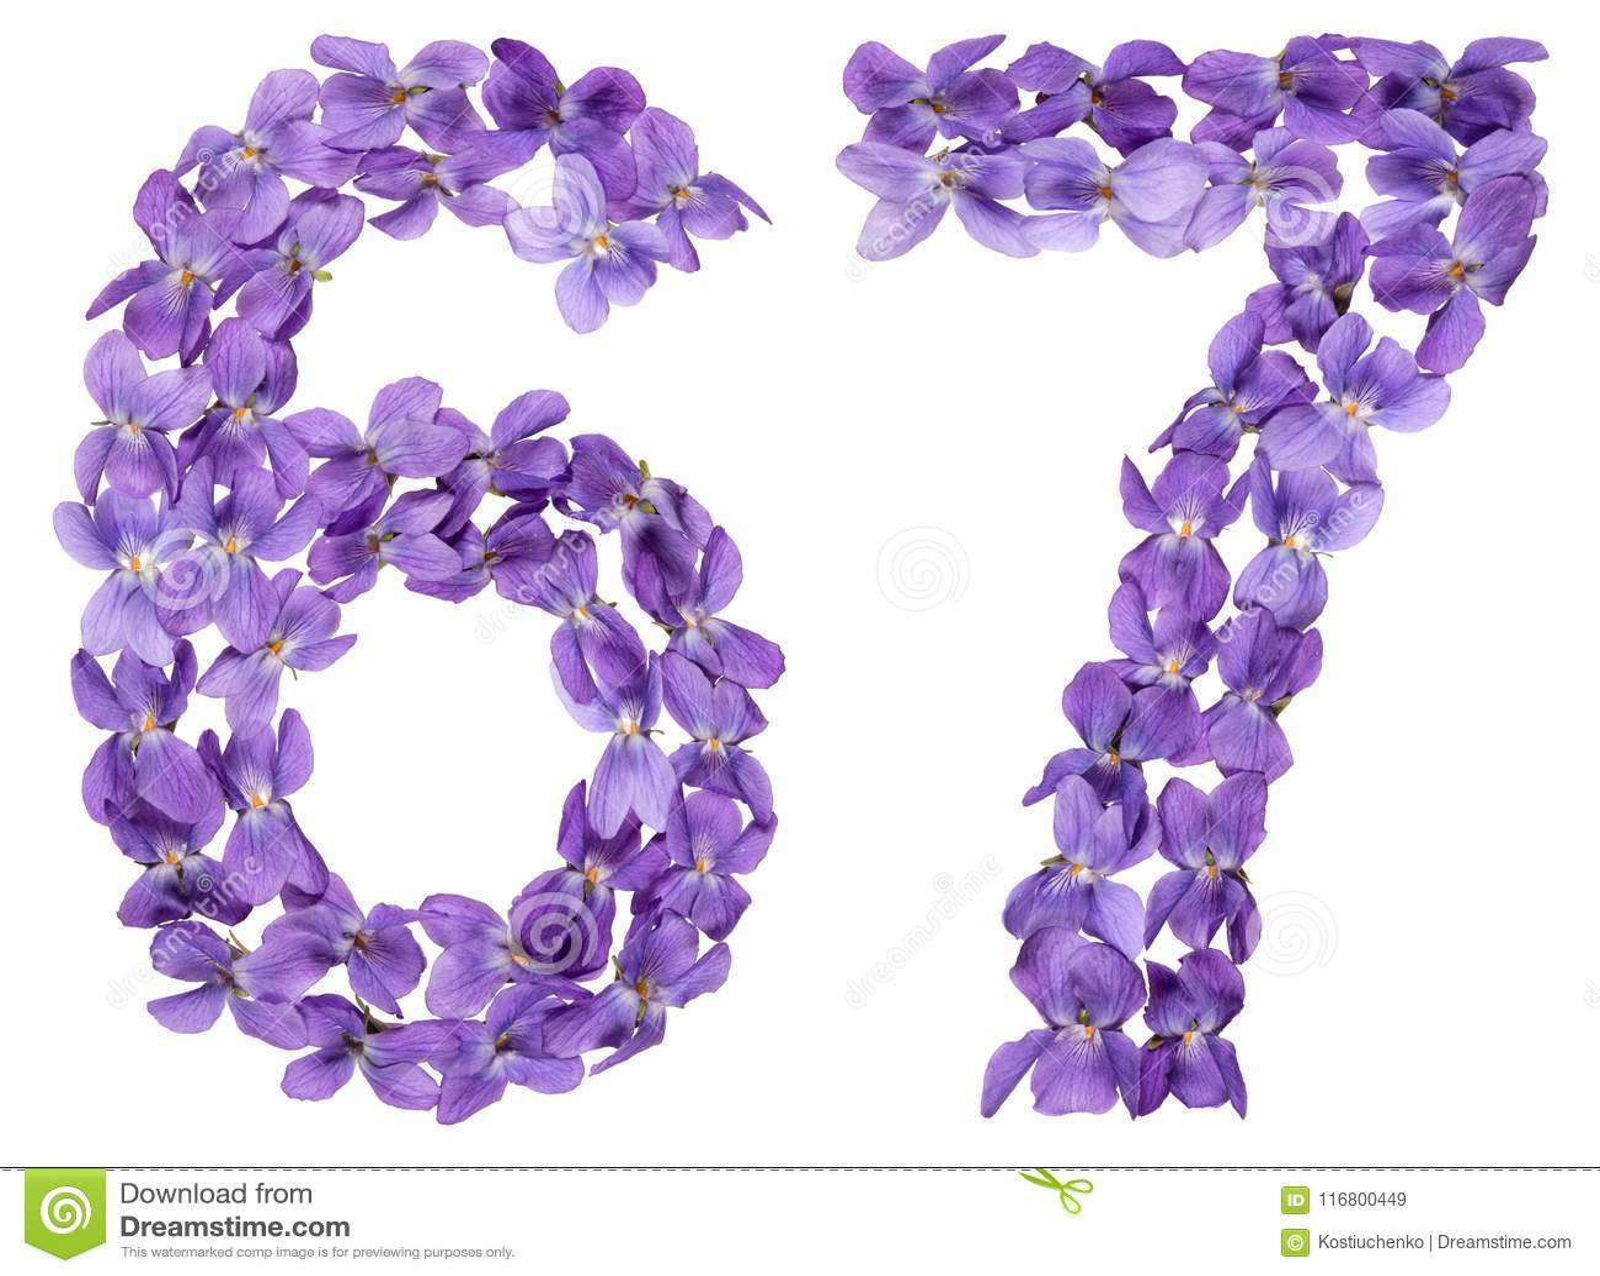 Numero arabo 67, sessantasette, dai fiori della viola, isolati